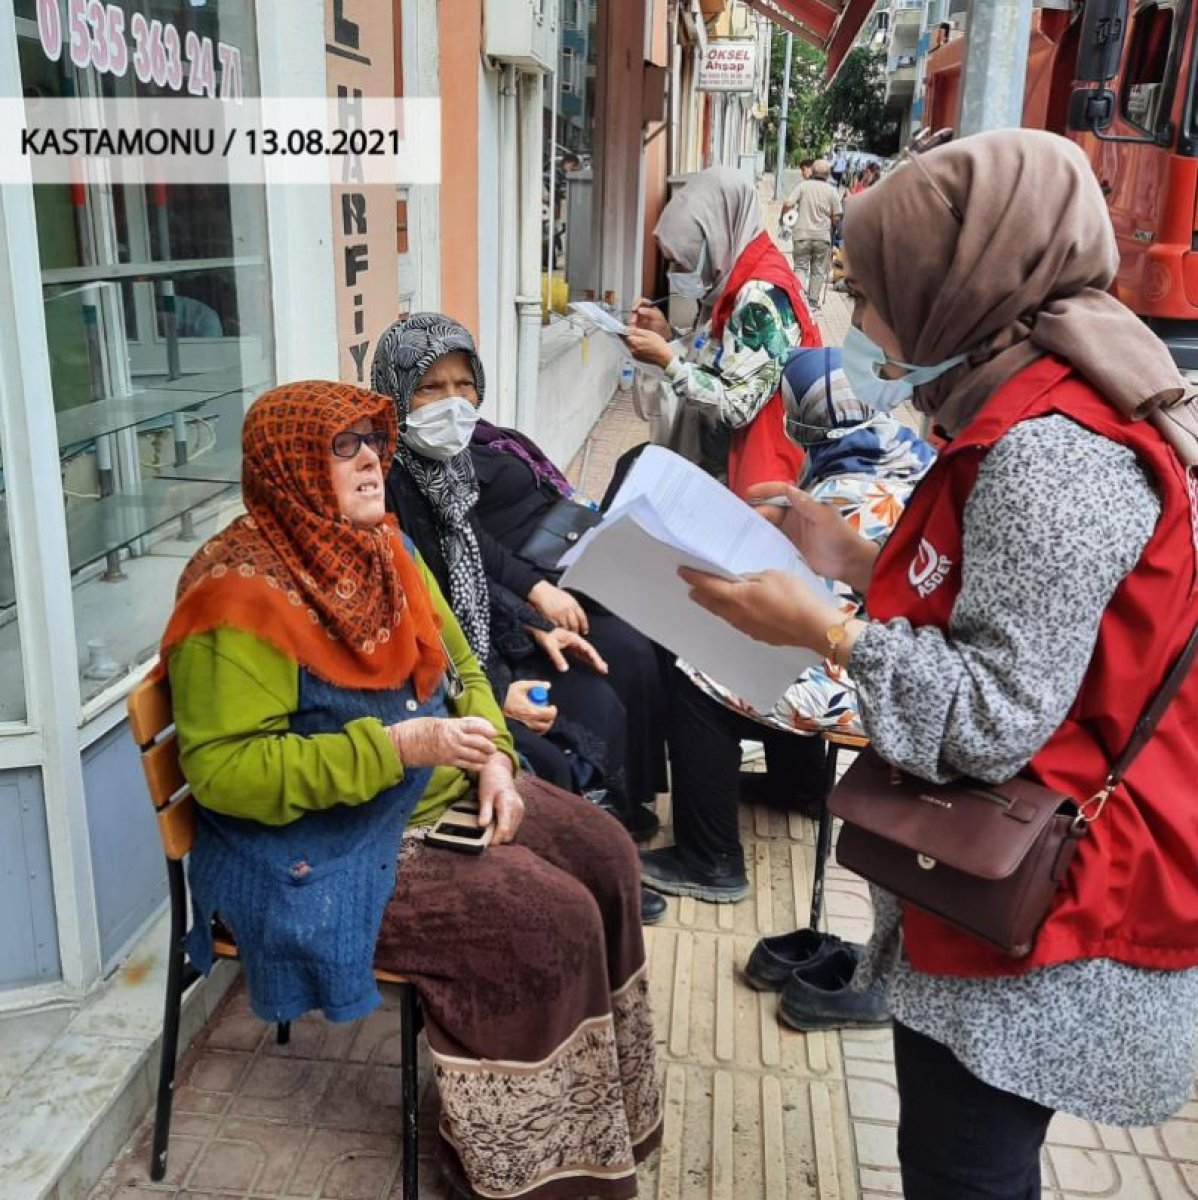 'Bartın, Sinop ve Kastamonu ya 10 milyon liralık kaynak aktarıldı' #4